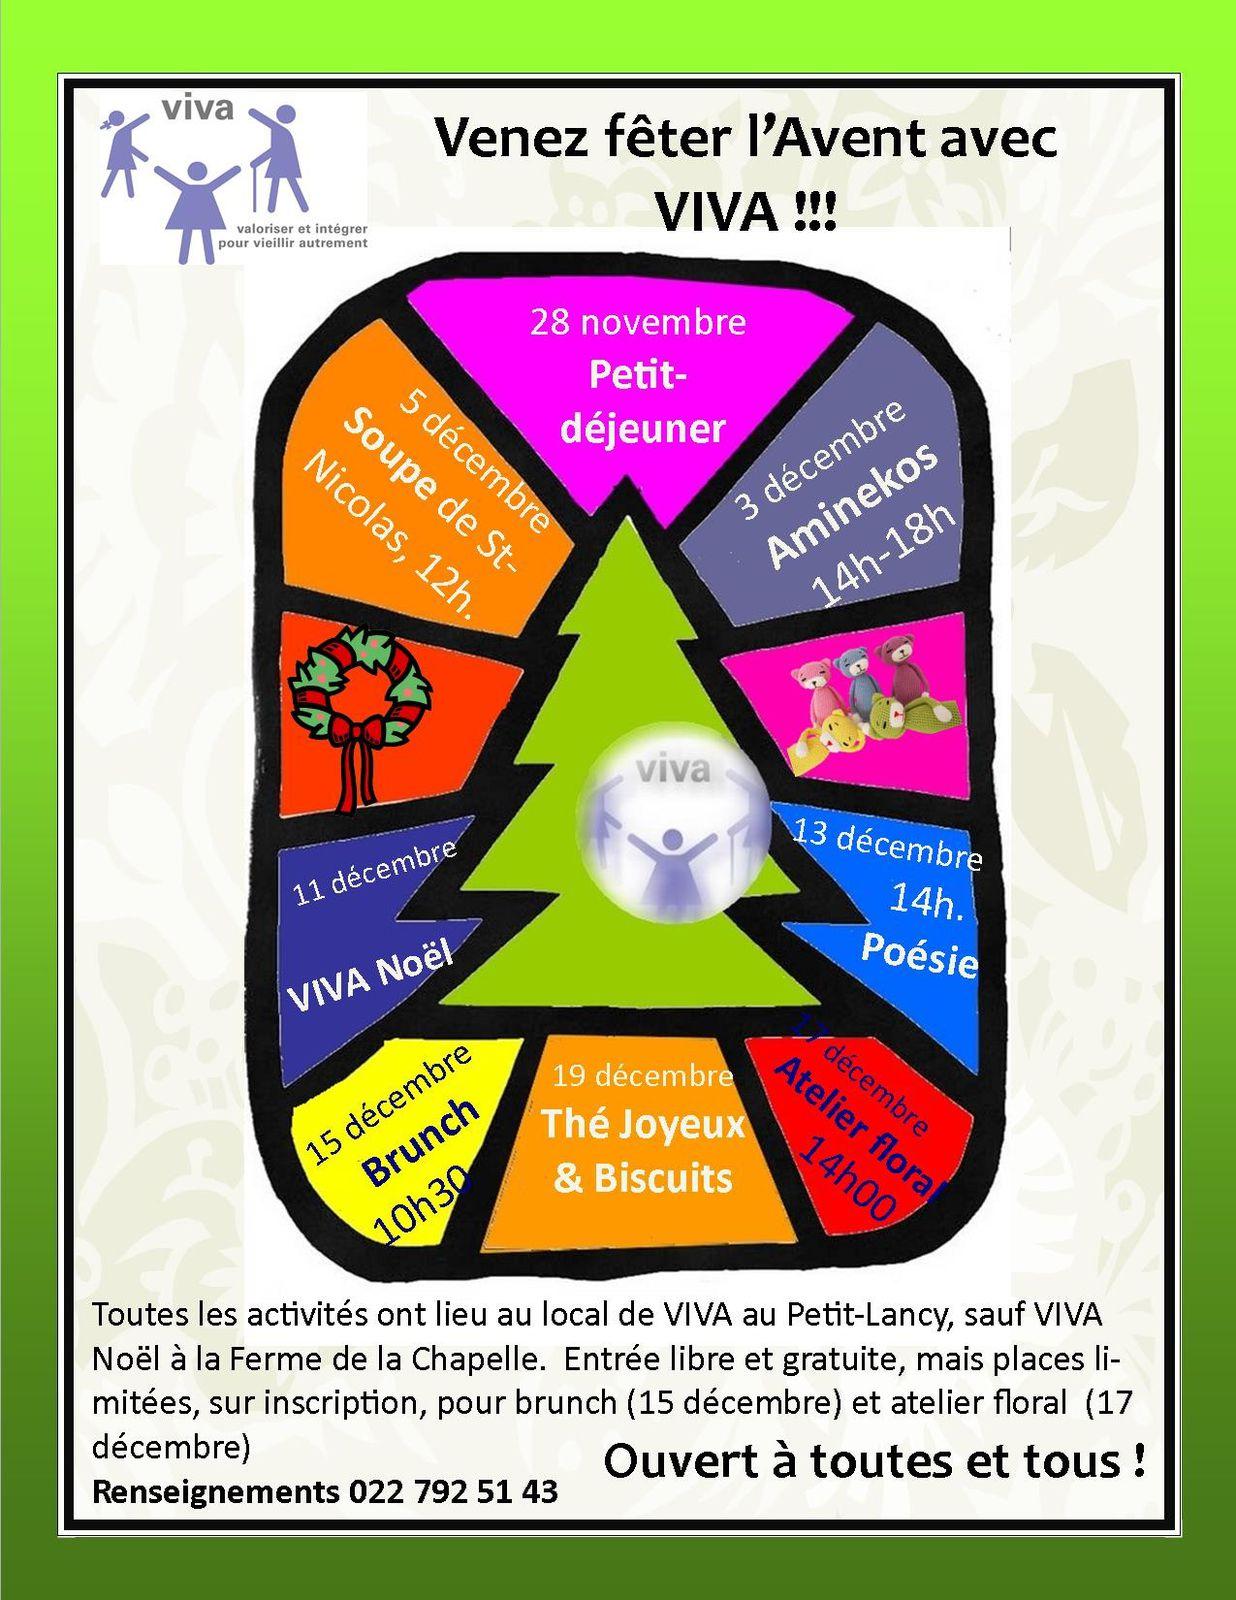 Activités de VIVA pour l'Avent